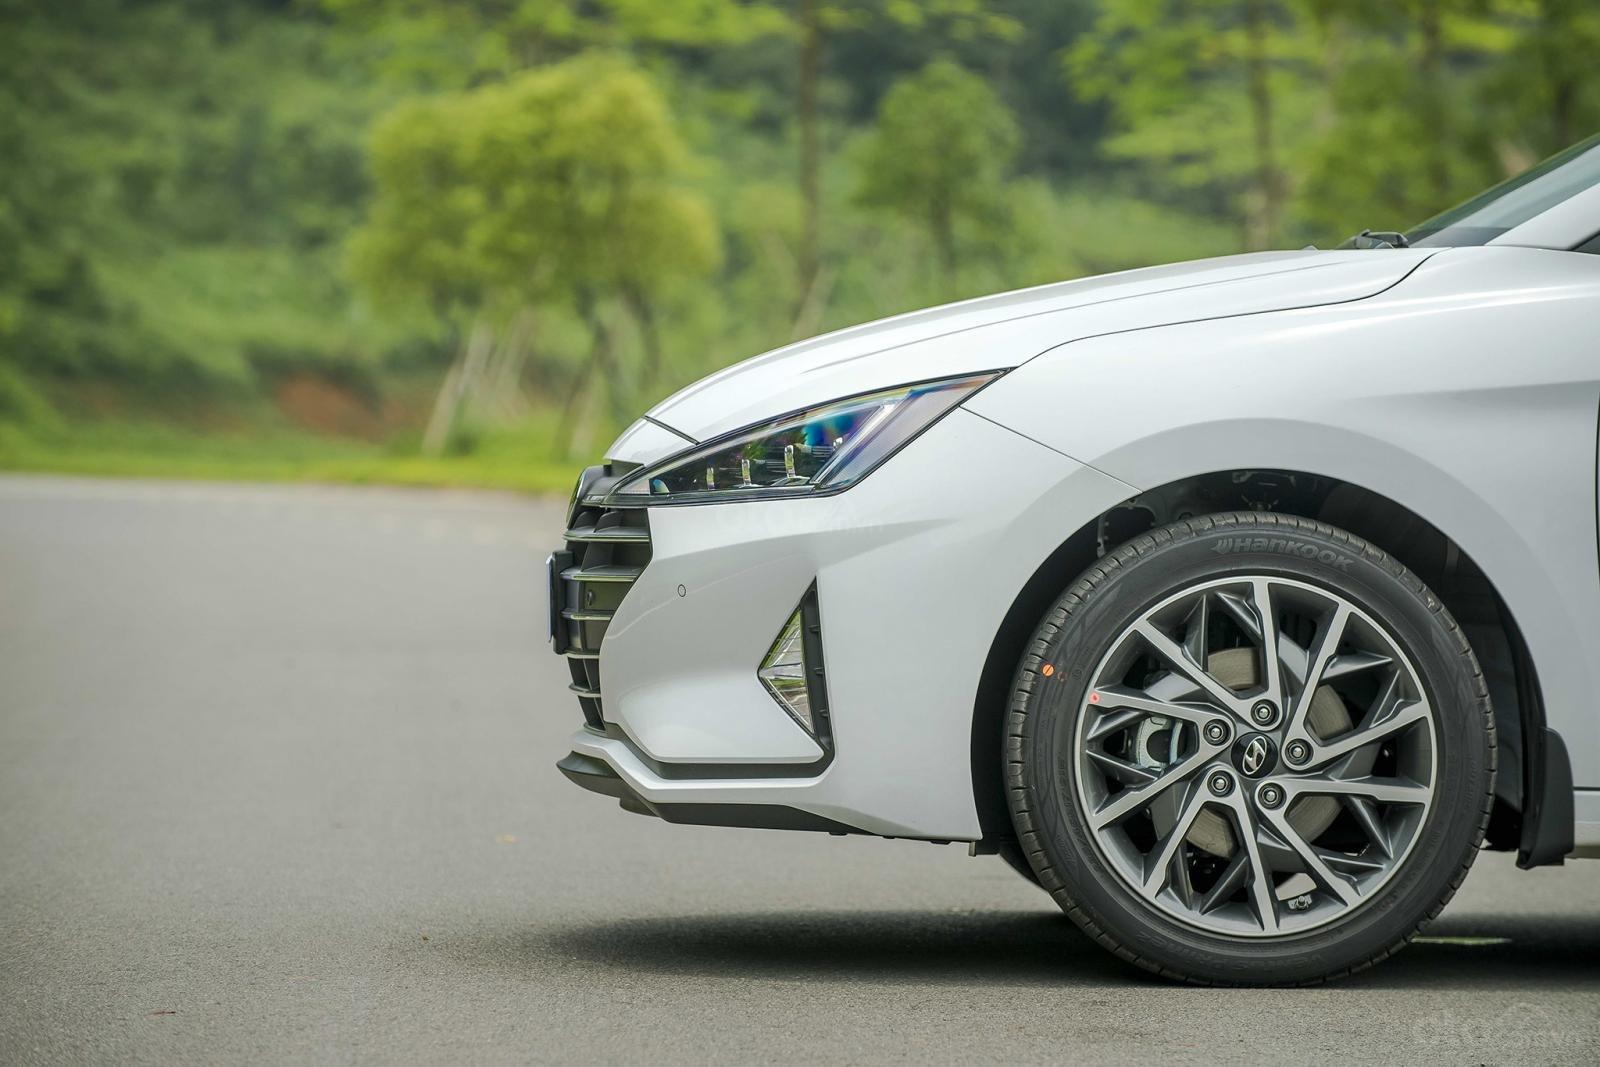 So sánh xe Hyundai Elantra 2019 và Kia Cerato 2019 về thân và đuôi xe 11